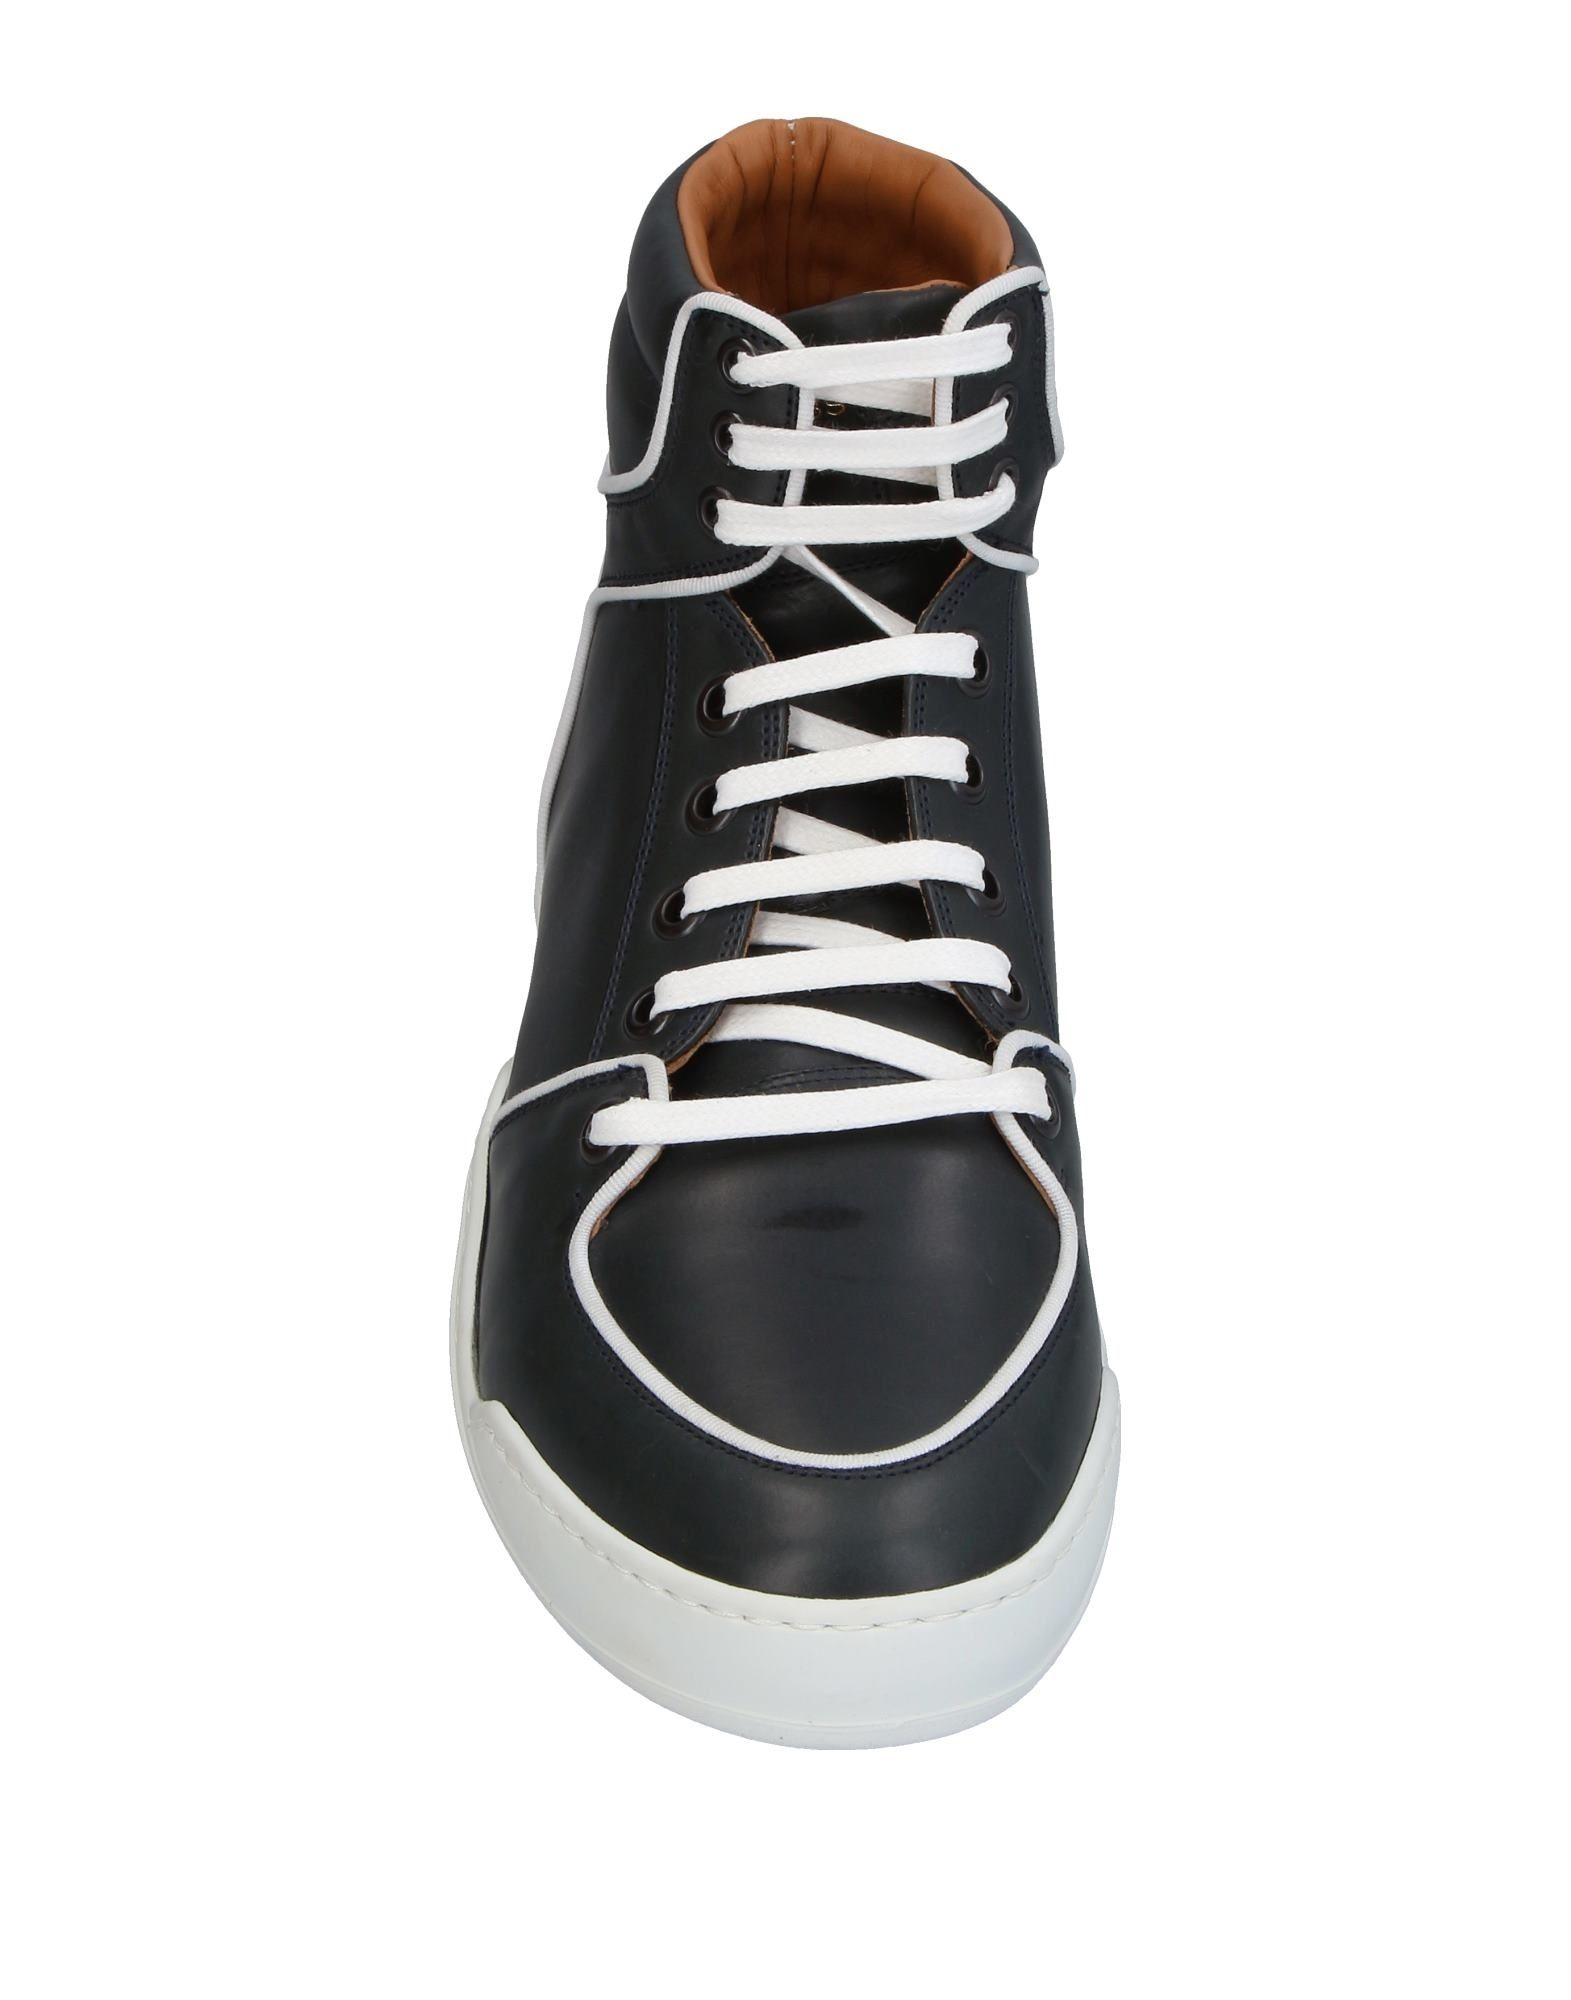 Marc Jacobs Sneakers Herren  11401188LR Gute Qualität beliebte Schuhe